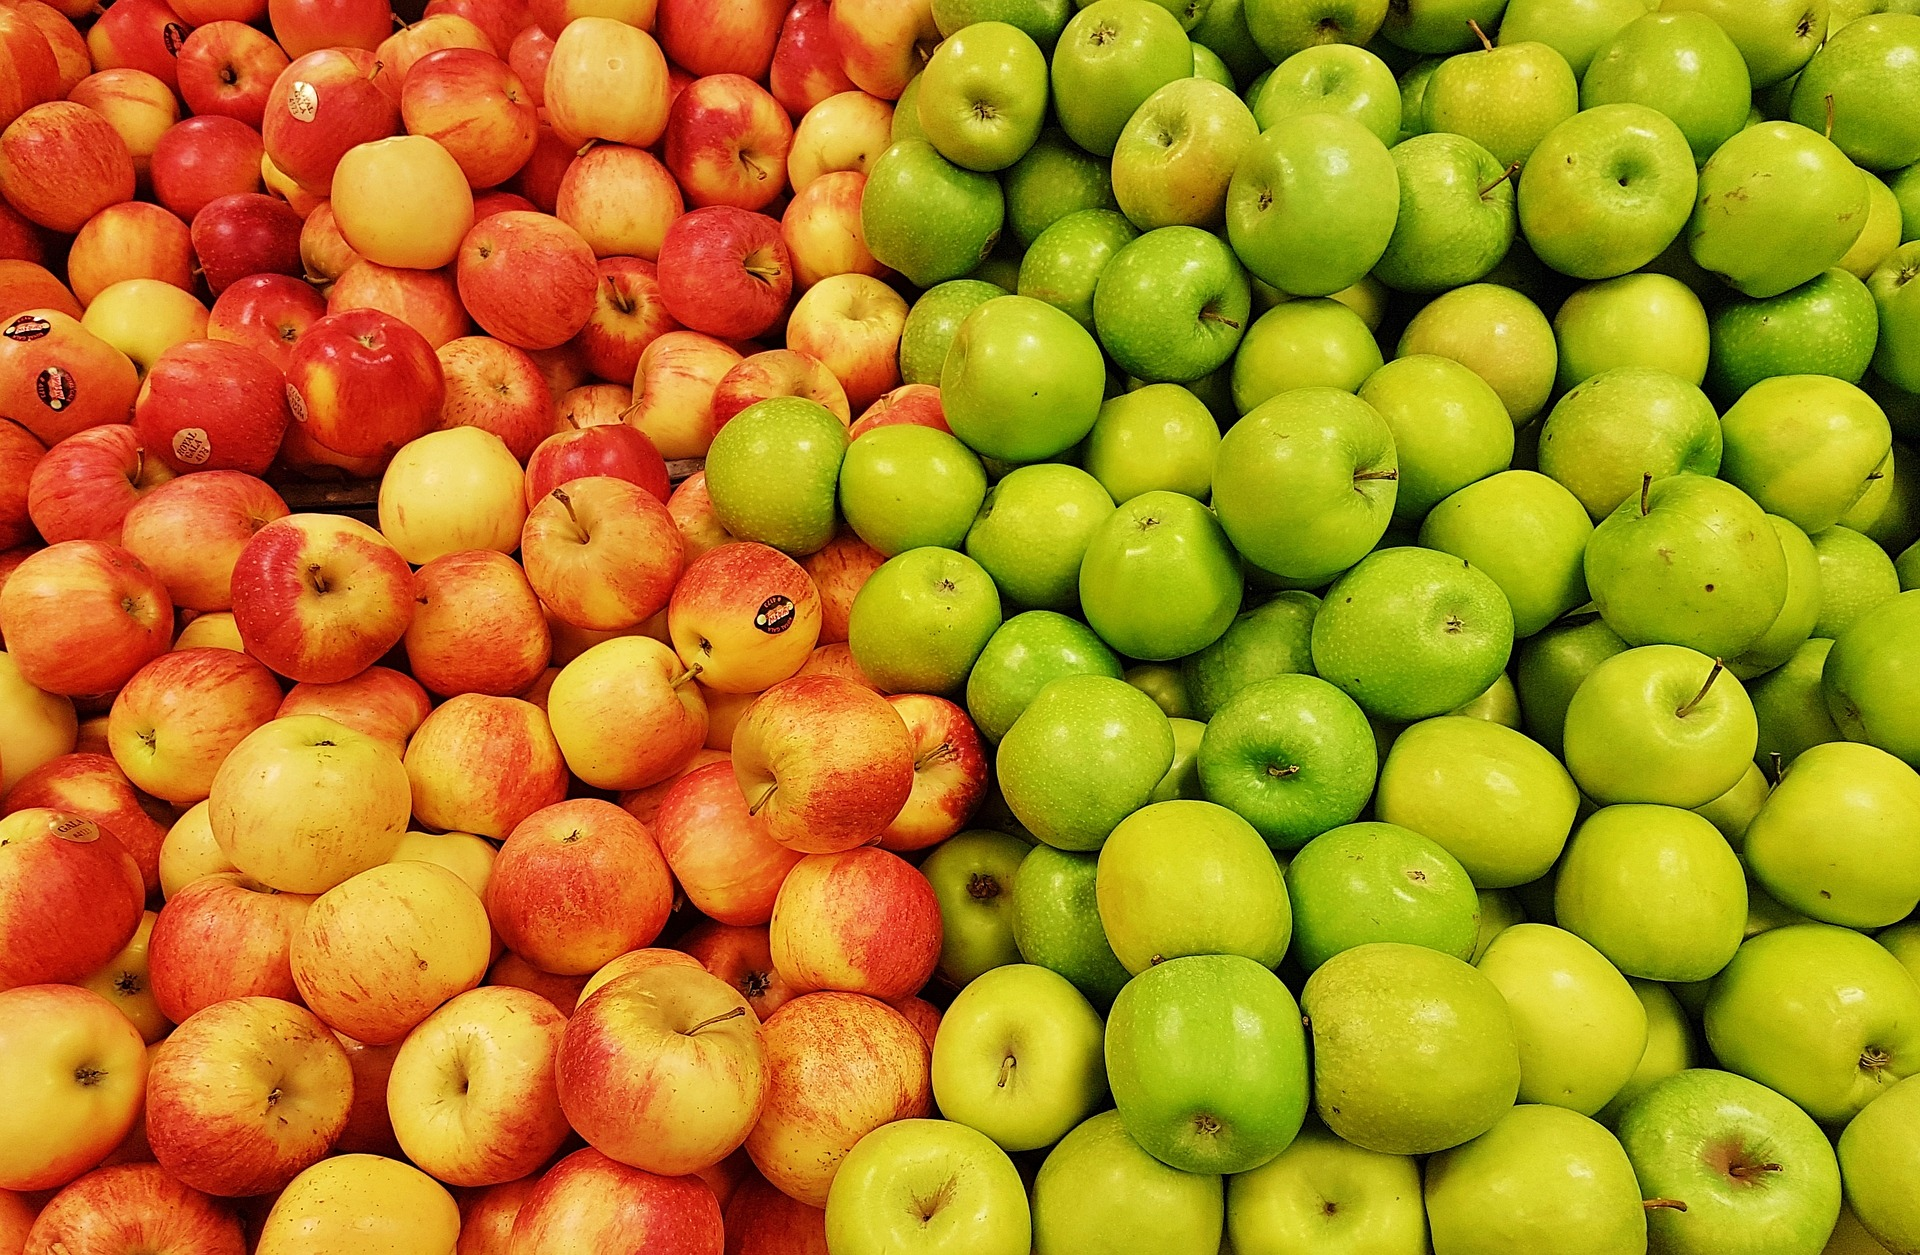 apples, fruits, vegetables, food